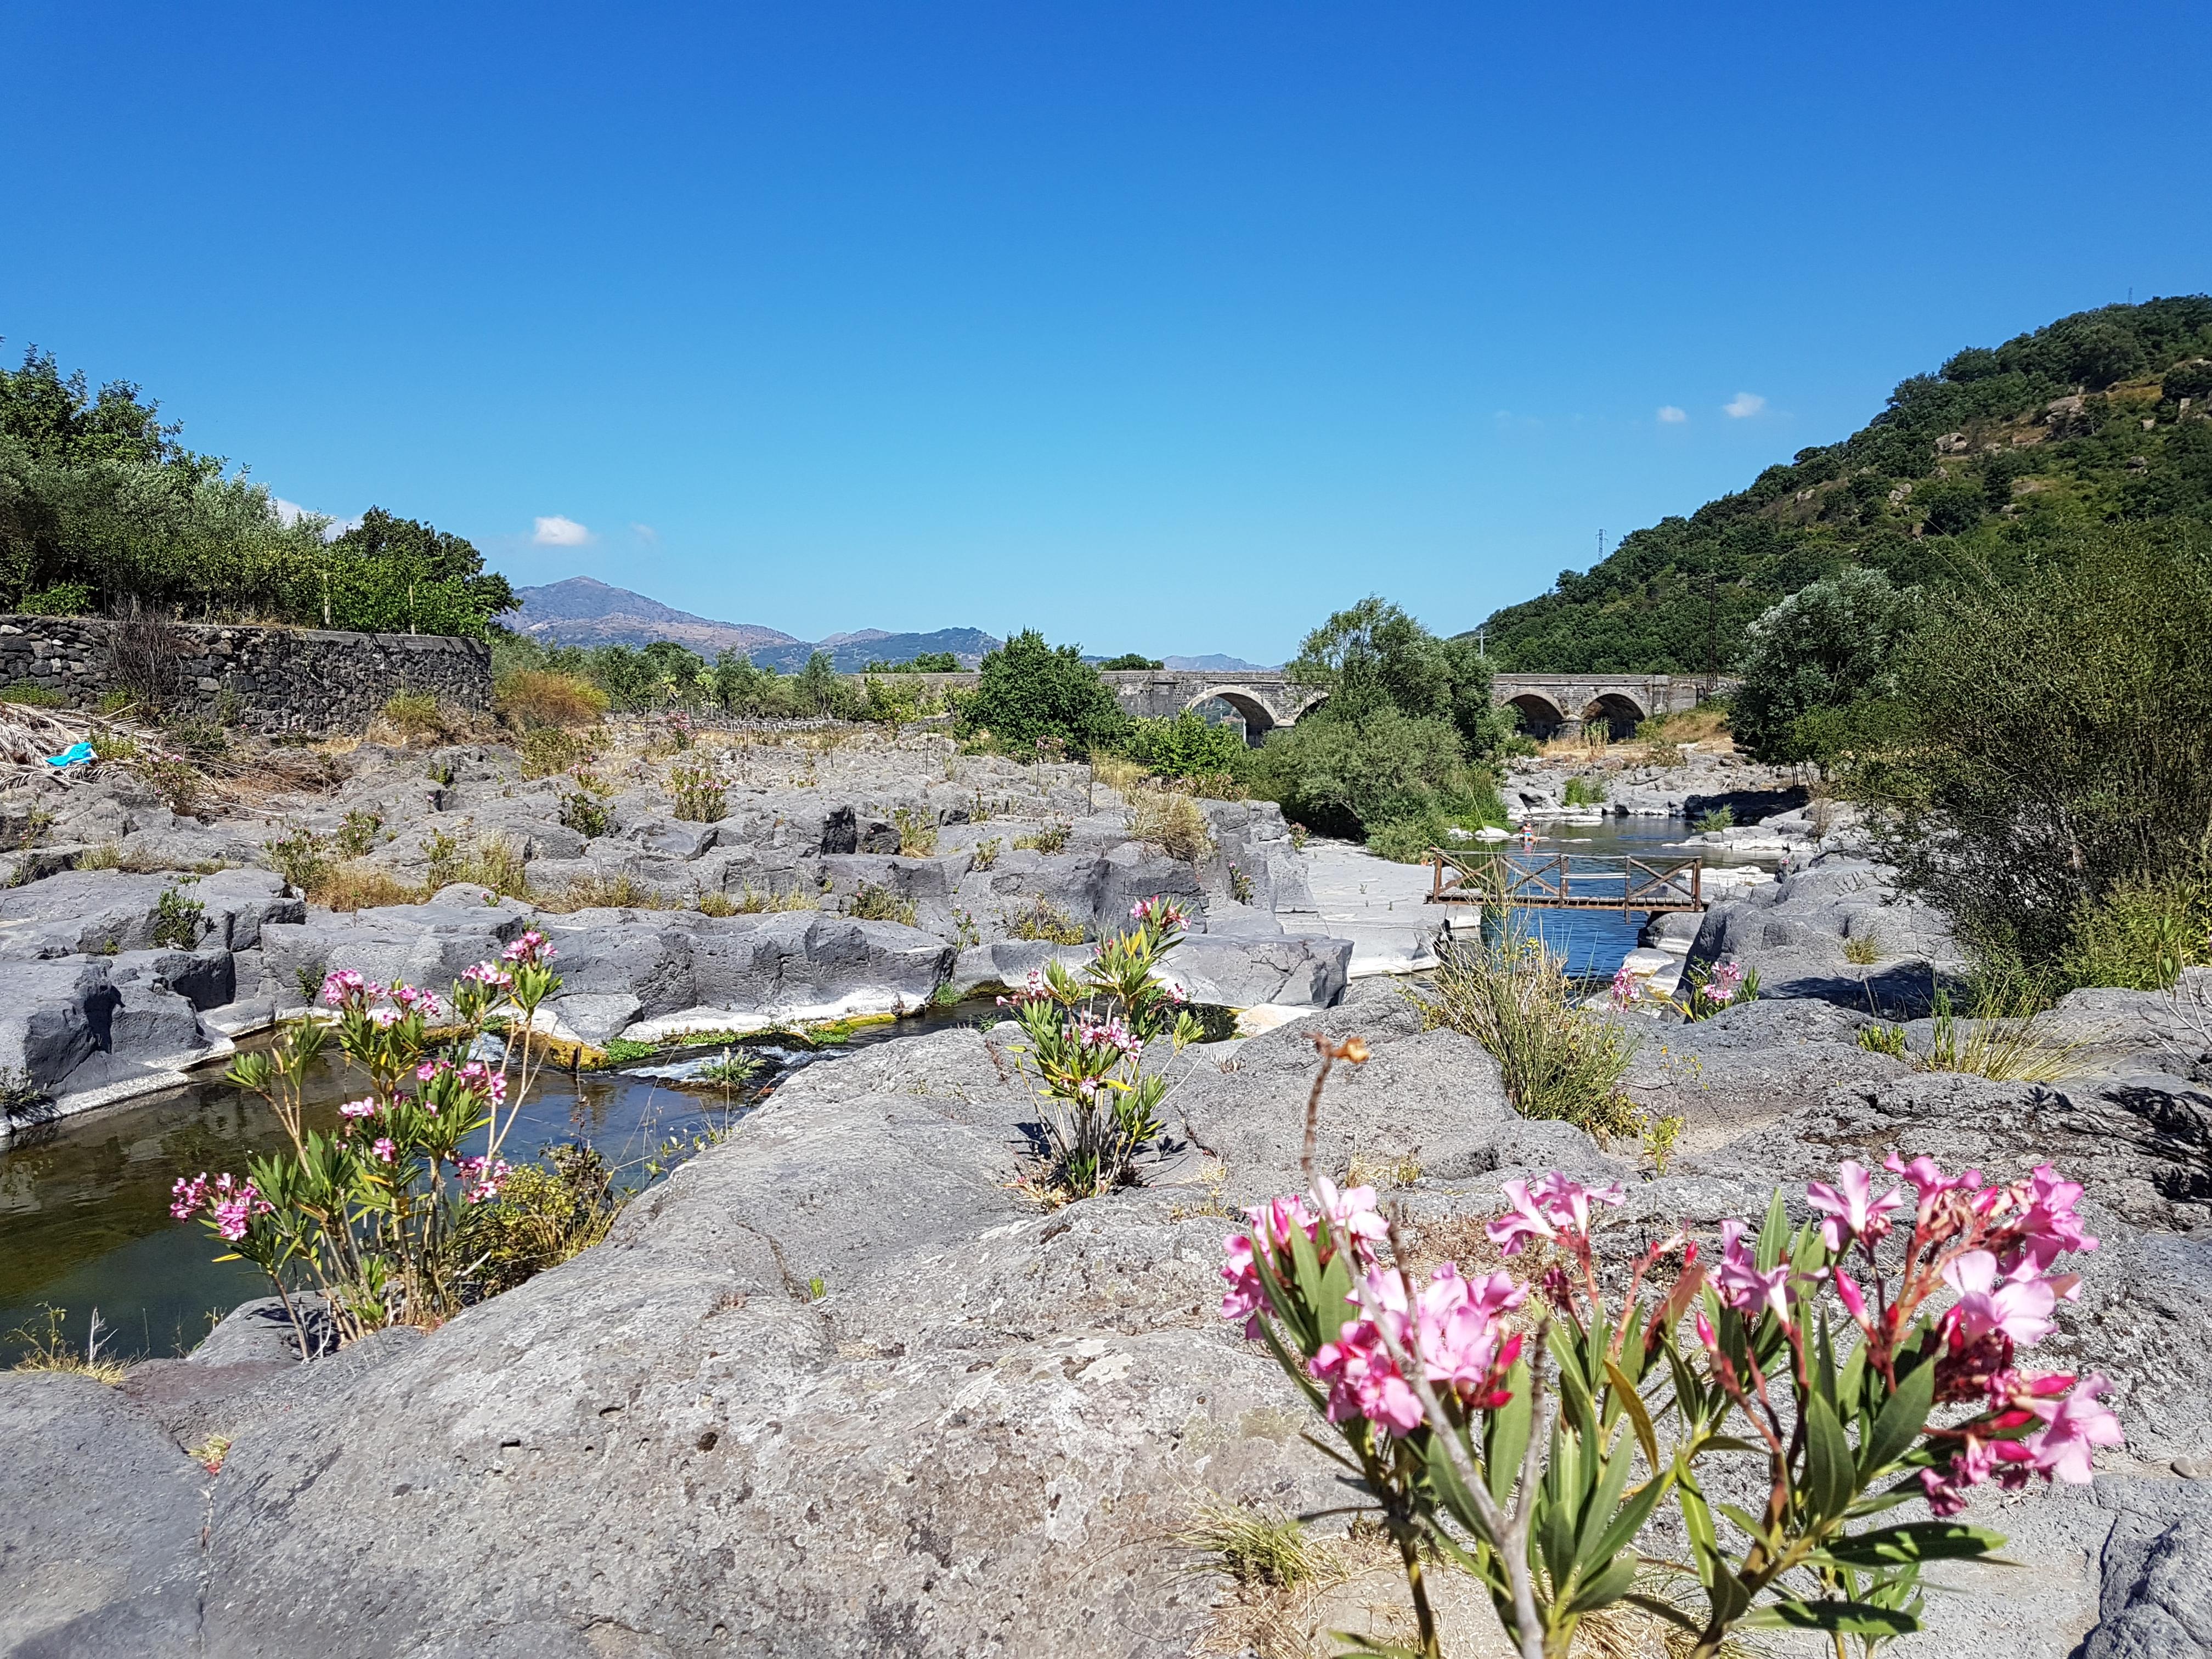 Valle d'Alcantara rivier